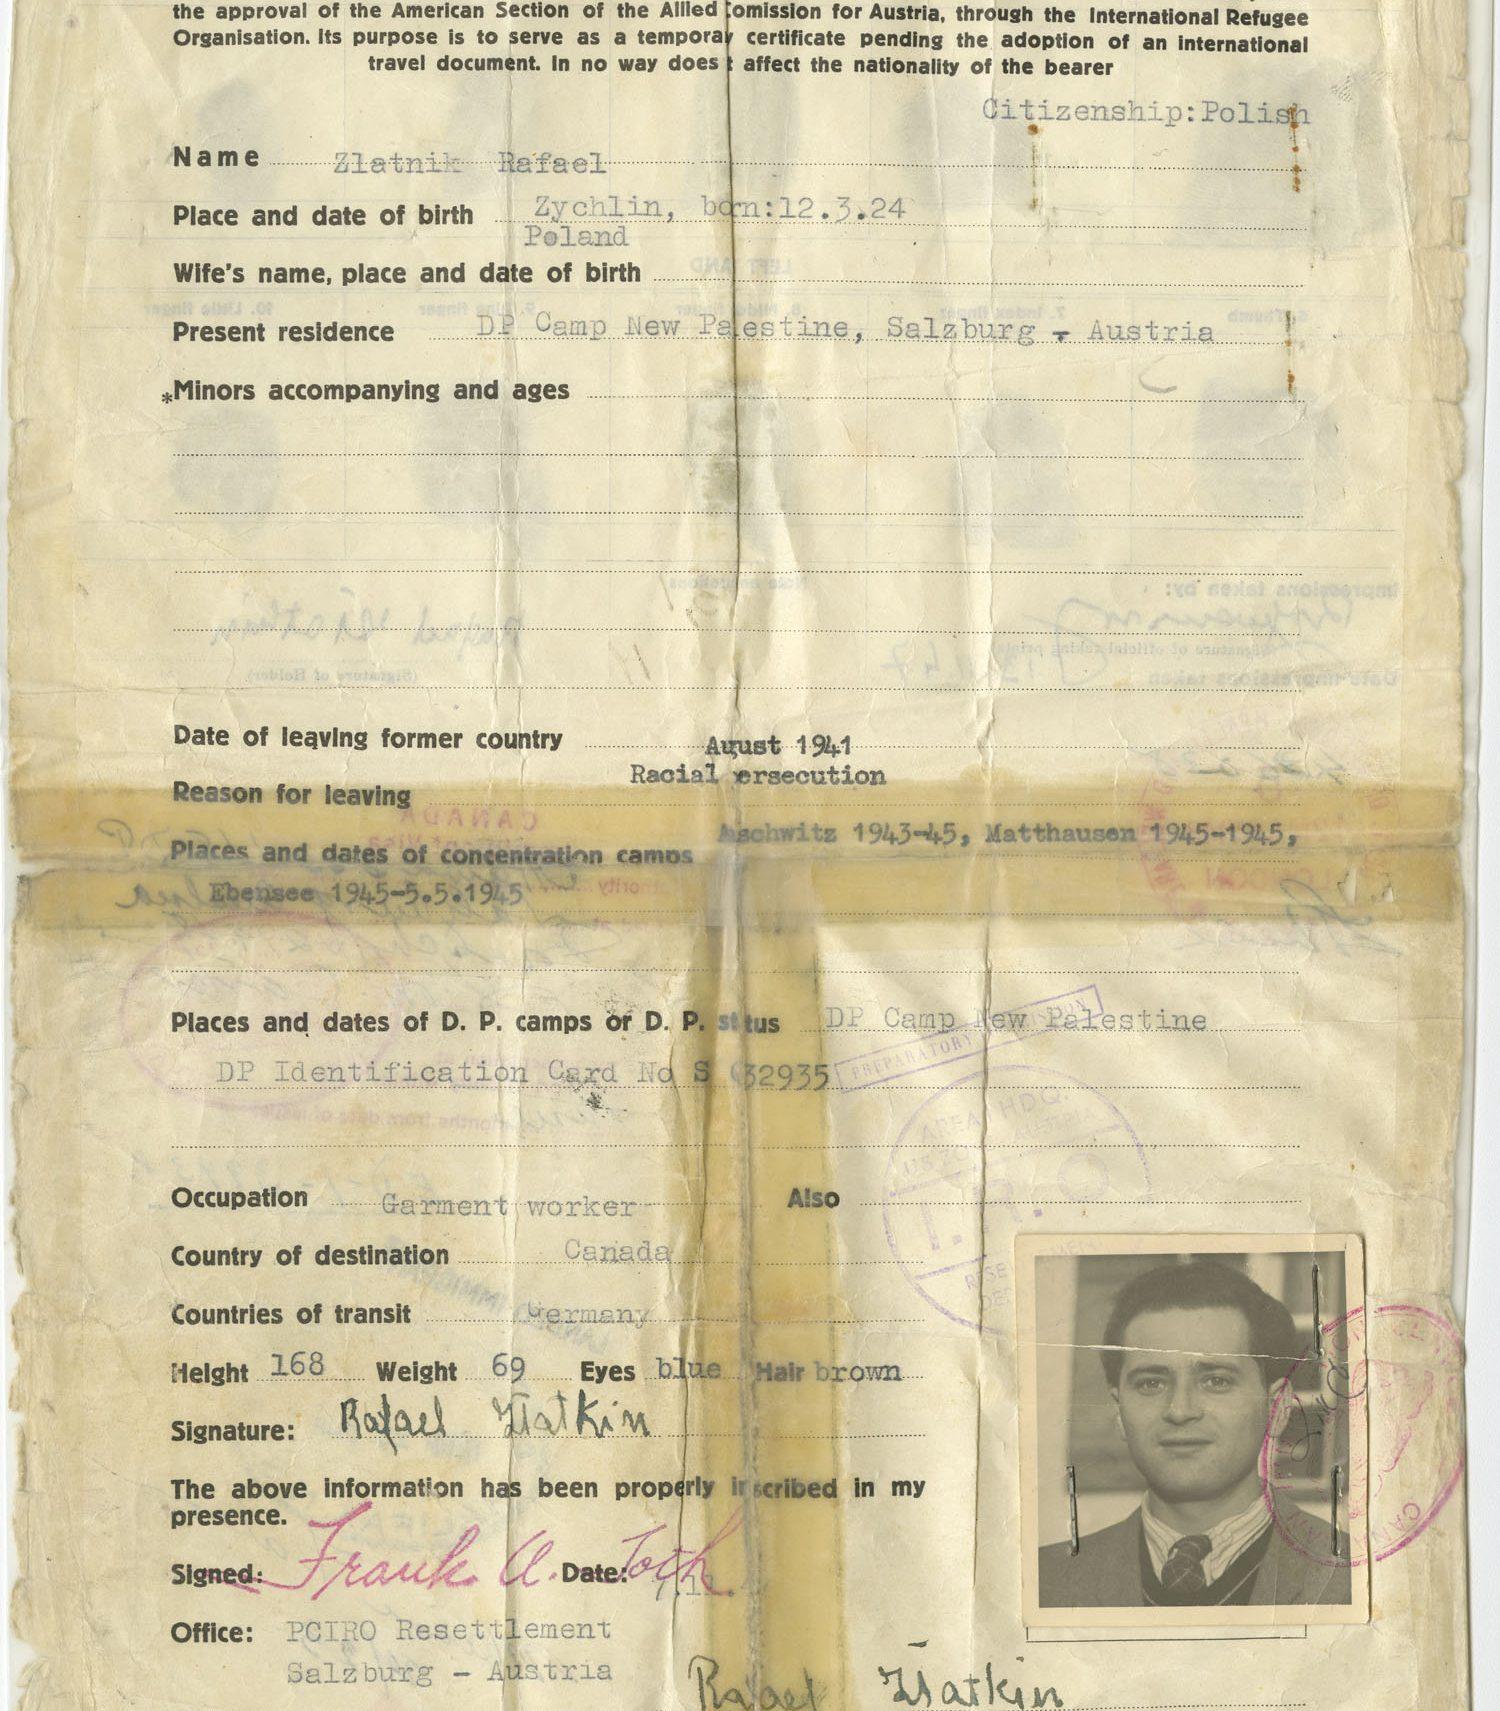 Certificat d'identité destiné aux réfugiés sous la protection d'aucun gouvernement après la Seconde Guerre mondiale. Celui-ci a été émis à Rafael Zlatkin, survivant des camps d'Auschwitz, de Mauthausen et d'Ebensee, où il est incarcéré entre 1943 et 1945.